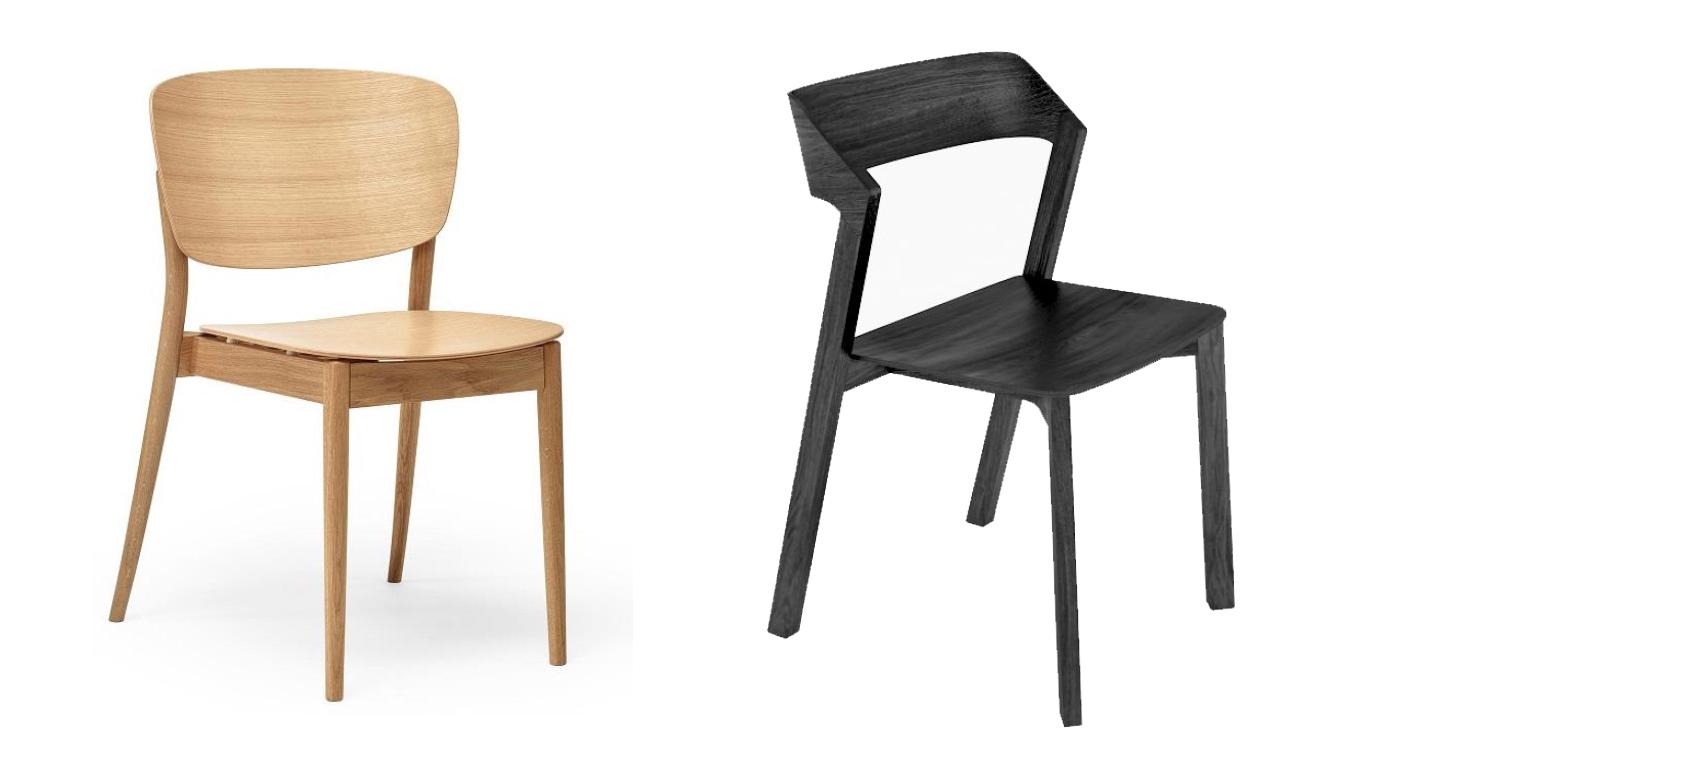 TON-stühle-chairs.jpg